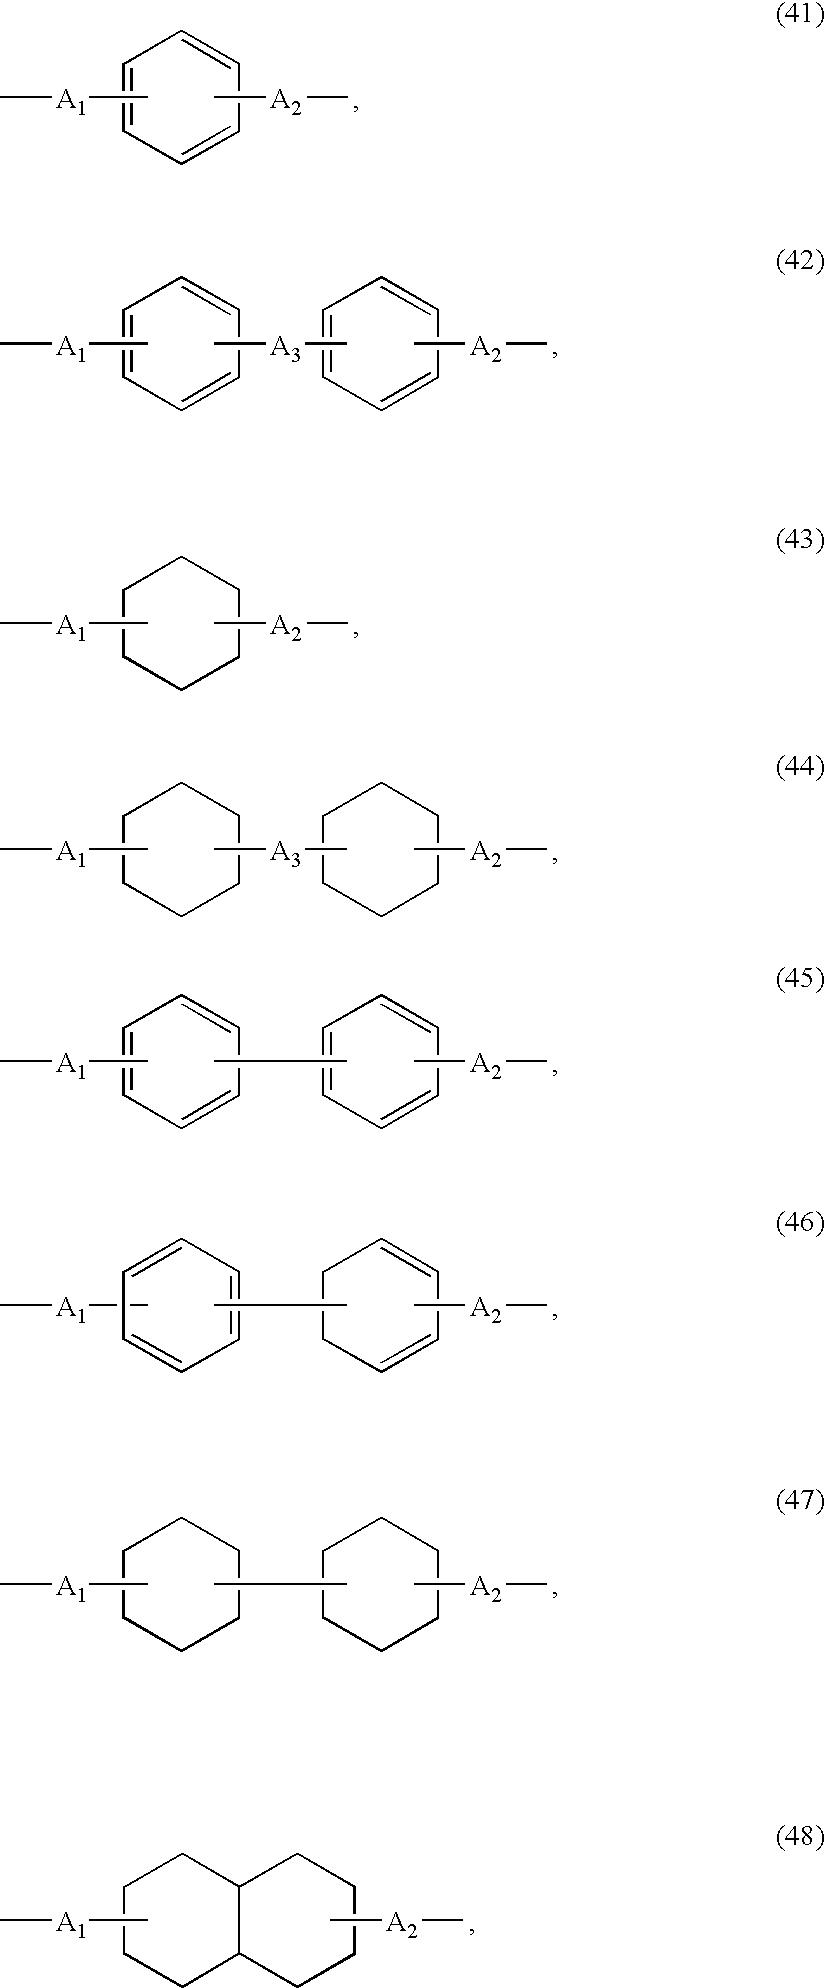 Figure US20050272899A1-20051208-C00031